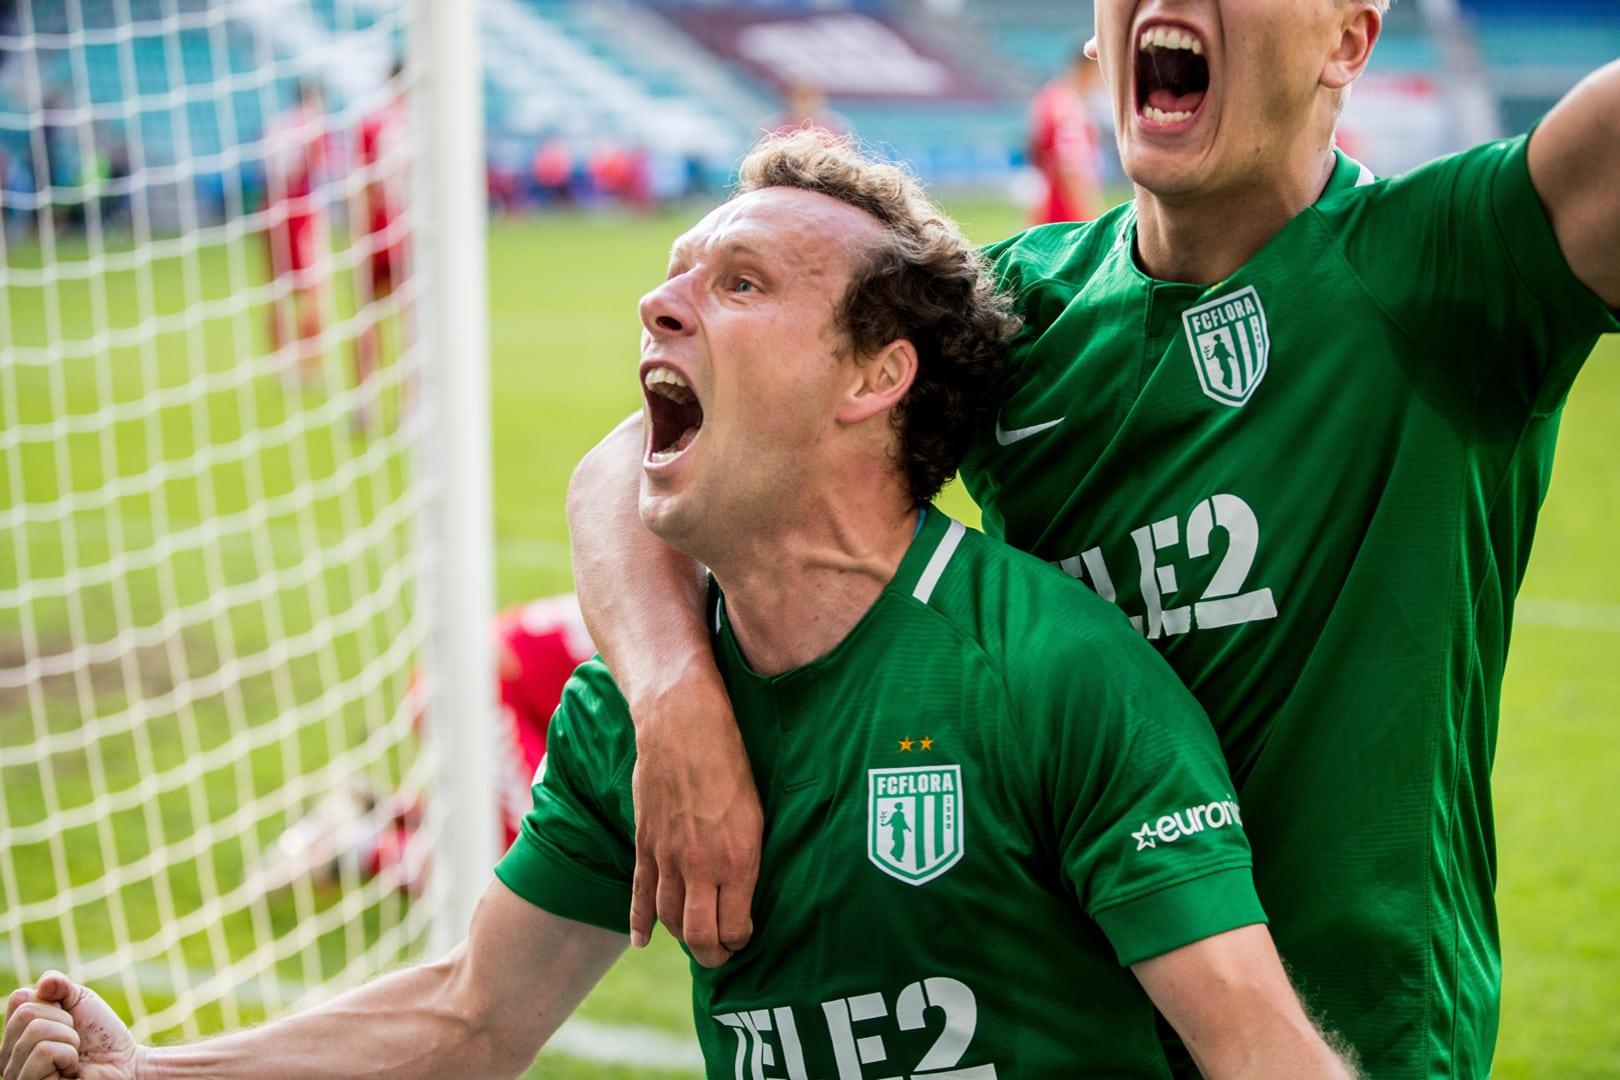 วิเคราะห์ฟุตบอล ยูโรป้า ลีก | แฟร้งค์เฟิร์ต vs ฟลอร่า 01/08/19